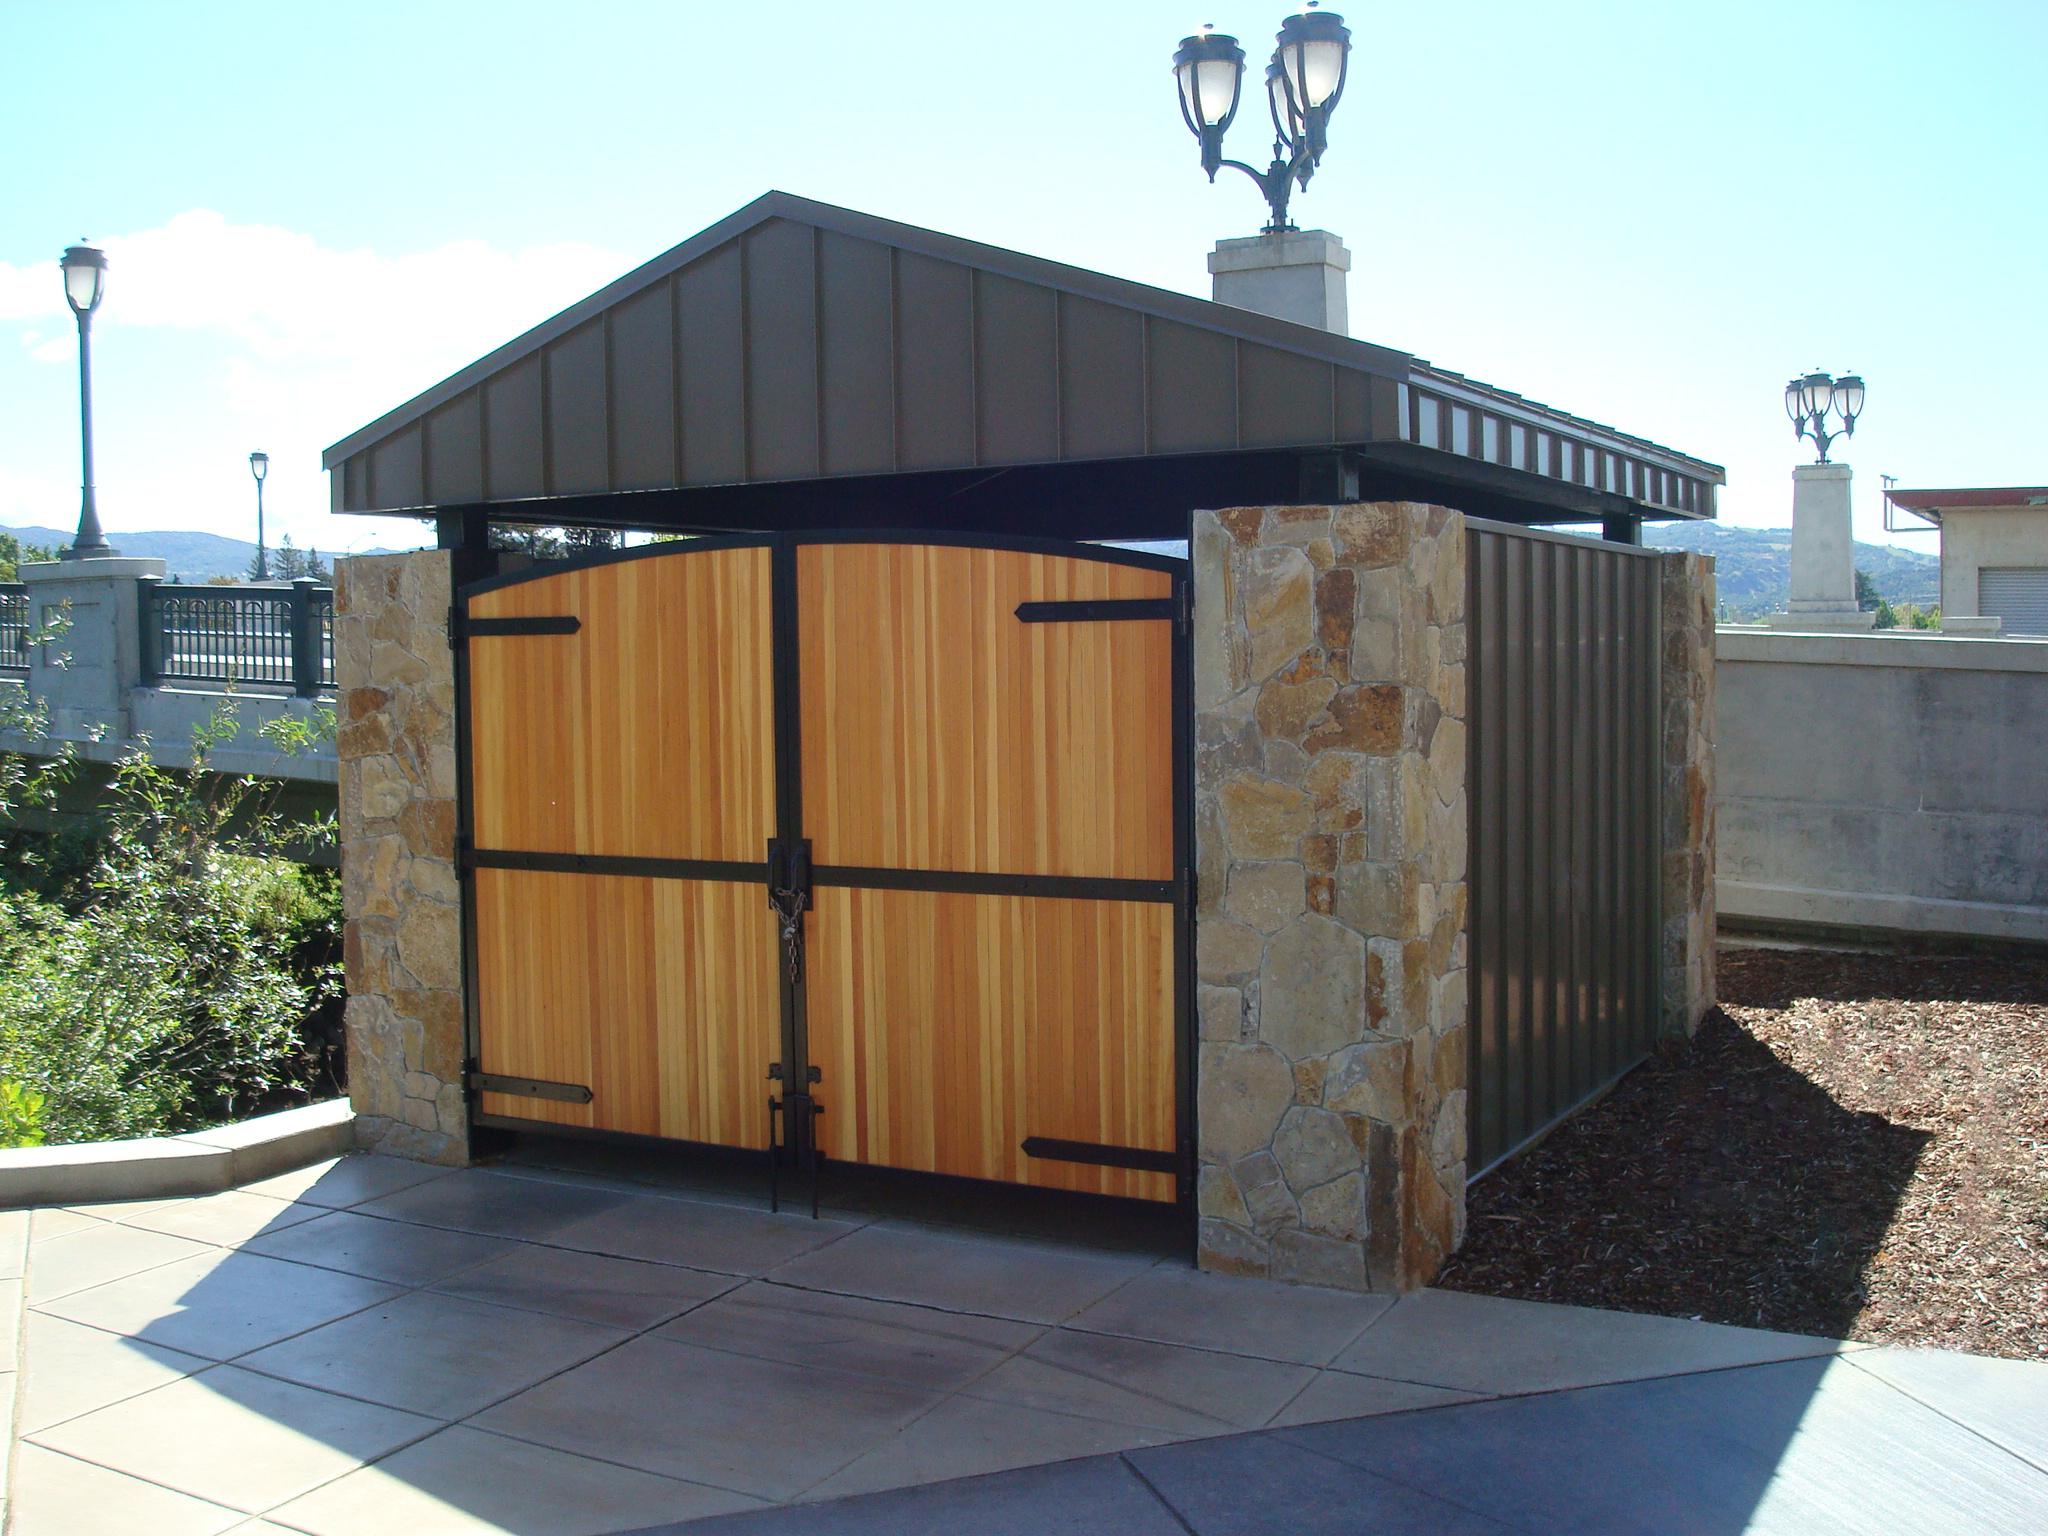 Trash Enclosure 2 Gsm Landscape Architects Inc